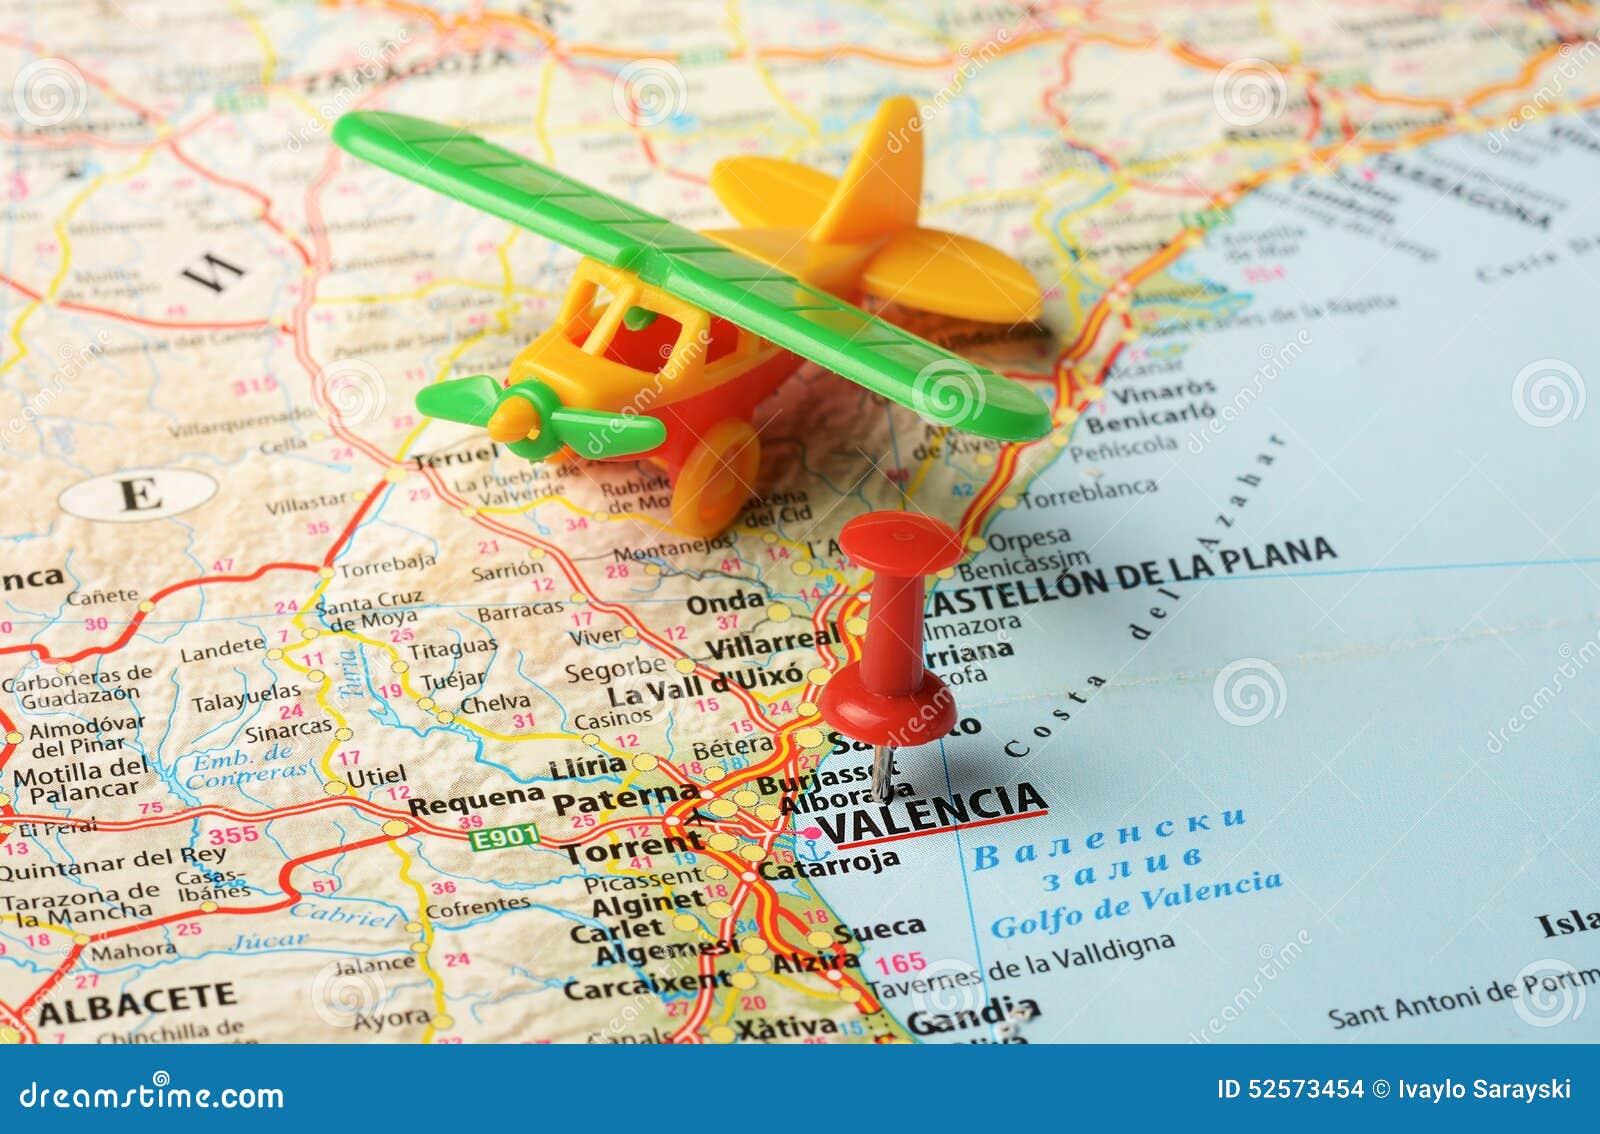 Valencia Map Of Spain.Valencia Spain Map Flight Stock Photo Image Of City 52573454